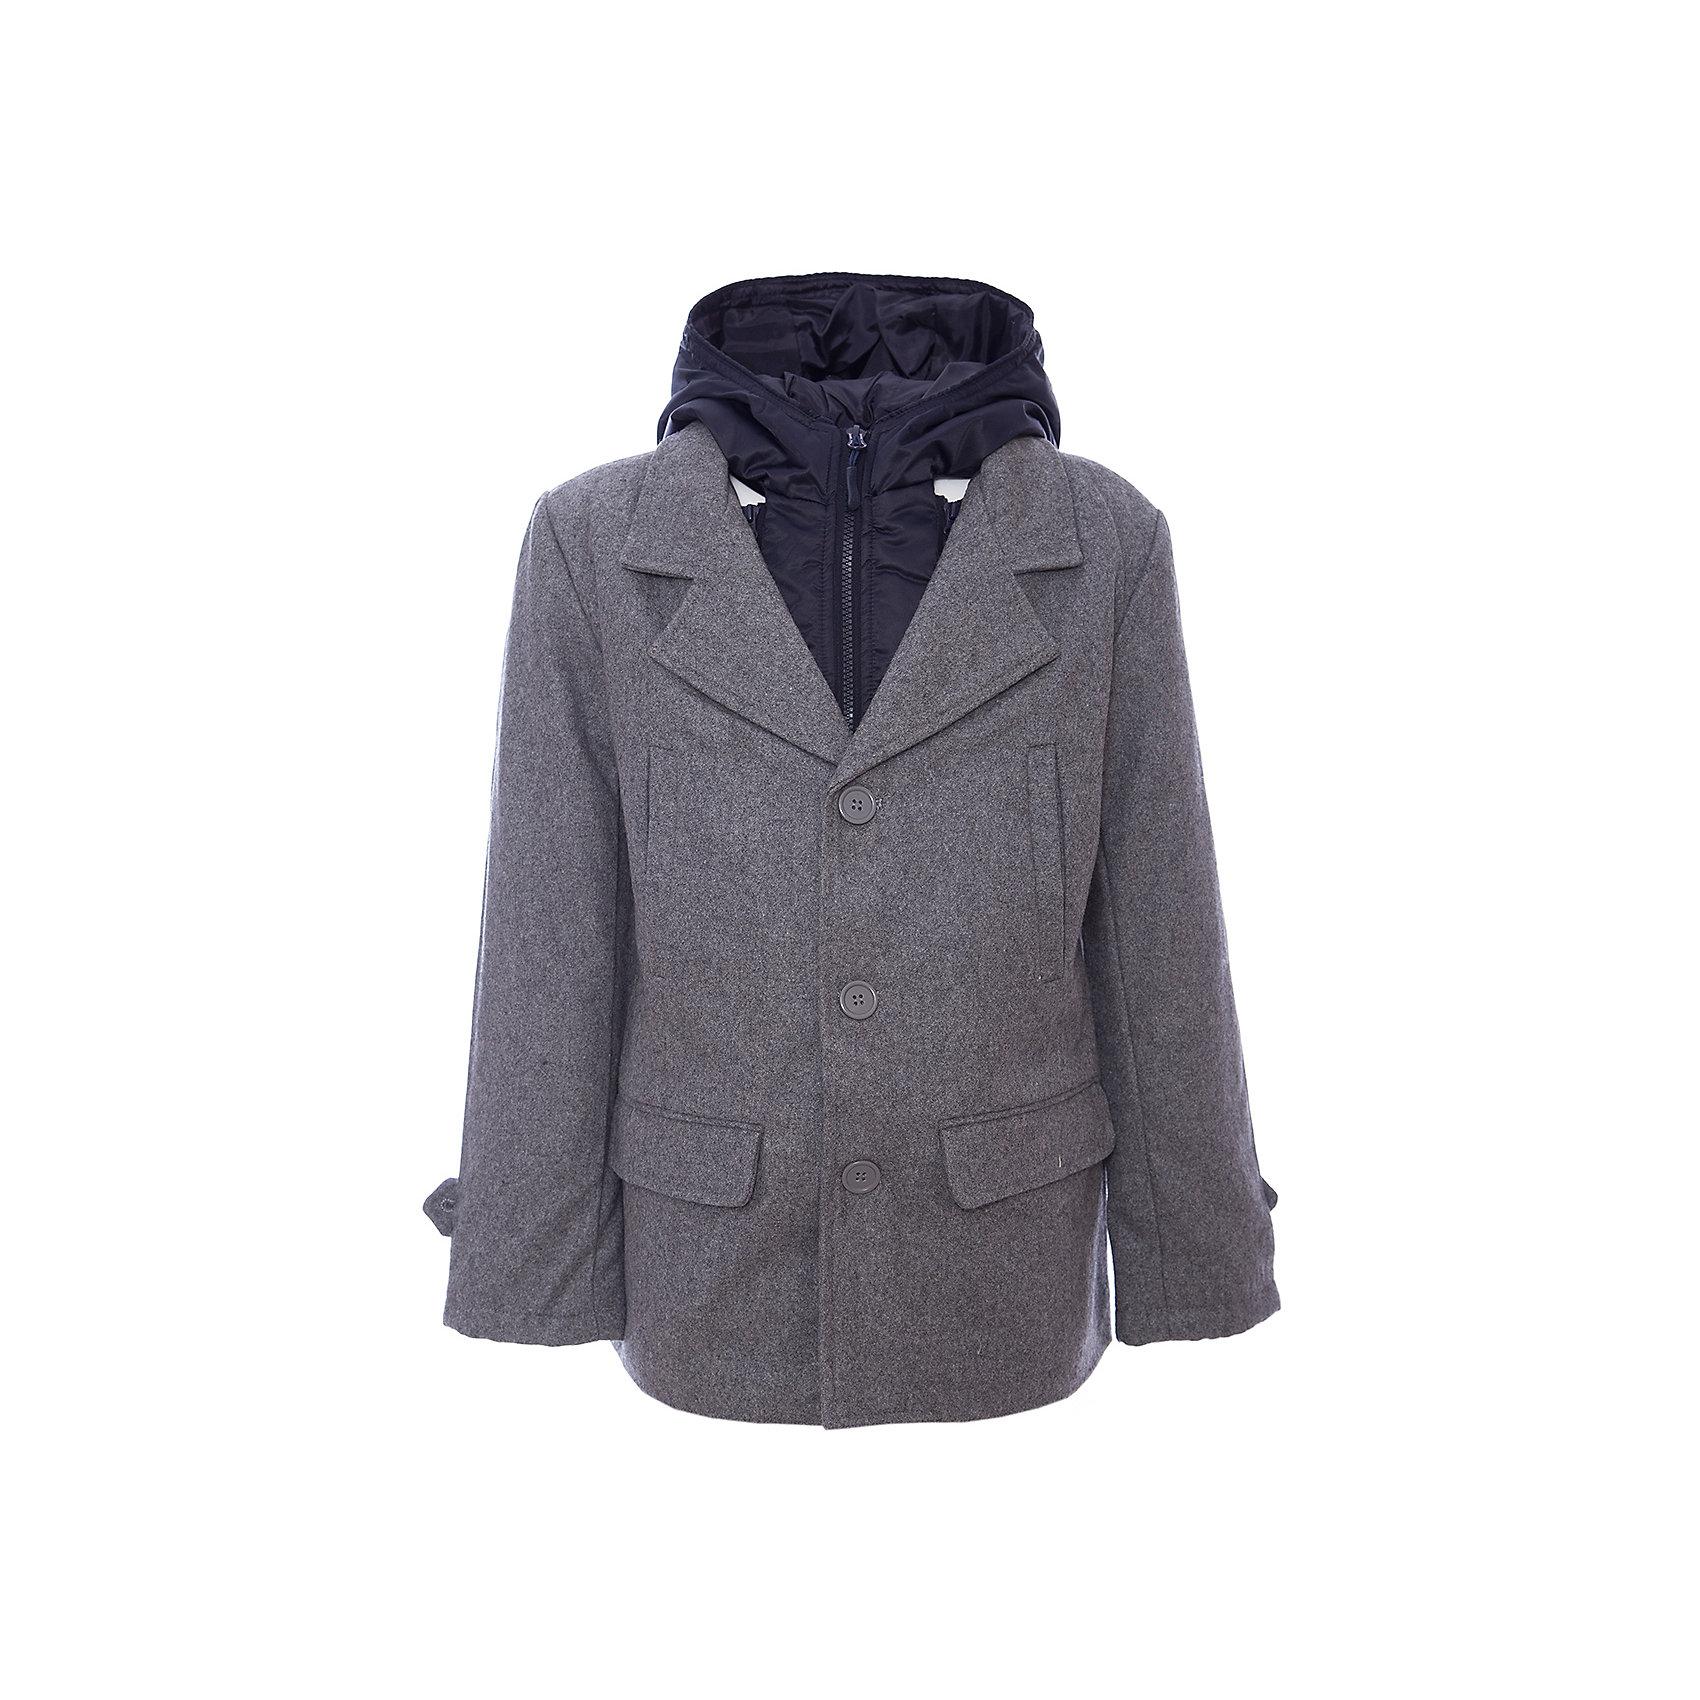 Пальто для мальчика ScoolПальто для мальчика из коллекции «Скорость» от известного бренда Scool. Стильное и удобное  драповое пальто на осень/весну. Приятный цвет серый меланж сочетается со стилем самого пальто и позволяет носить с ним как классические вещи, так и более спортивные, благодаря уникальному сочетанию элементов. Удобство этого пальто заключается в непромокаемой и защищающей от дождя плащевой вставке с капюшоном, которая, при желании, отстегивается. Пальто застегивается на три пуговицы, у пальто четыре кармана. Мягкий материал приятен для носки и защищает от ветра и холода. <br><br>Дополнительная информация:<br>- Отстегивающаяся непромокаемая вставка с капюшоном<br>- Силуэт: прямой<br>- Длина: средняя<br><br>Состав: Верх: 40% шерсть, 60% акрил, Подкладка: 100% полиэстер, Наполнитель: 100% полиэстер, 200 г/м2<br><br>Пальто для мальчика Scool можно купить в нашем интернет-магазине.<br><br>Подробнее:<br>• Для детей в возрасте: от 9 до 13 лет<br>• Номер товара: 4911381<br>Страна производитель: Китай<br><br>Ширина мм: 356<br>Глубина мм: 10<br>Высота мм: 245<br>Вес г: 519<br>Цвет: черный<br>Возраст от месяцев: 144<br>Возраст до месяцев: 156<br>Пол: Мужской<br>Возраст: Детский<br>Размер: 158,134,164,140,146,152<br>SKU: 4911380